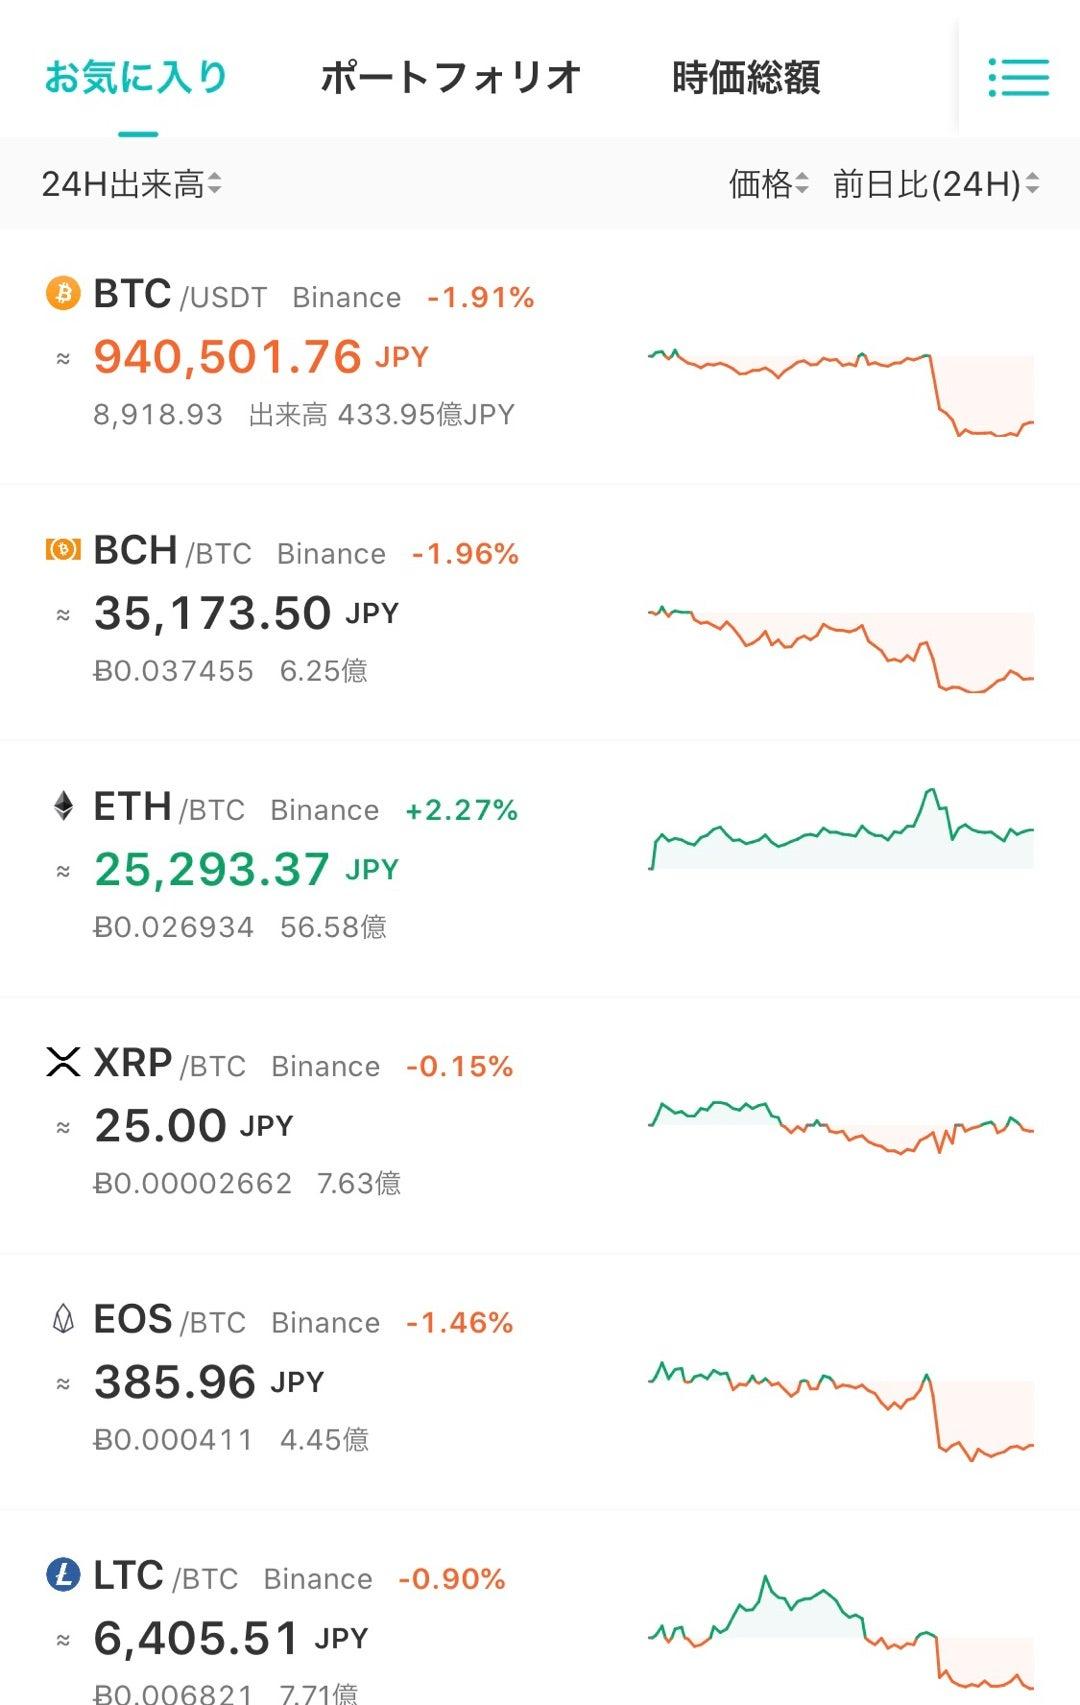 ビットコインの利確資金、アルトコインへ 仮想通貨市場の循環物色強まる | 眞殿勝年のMadonoISM